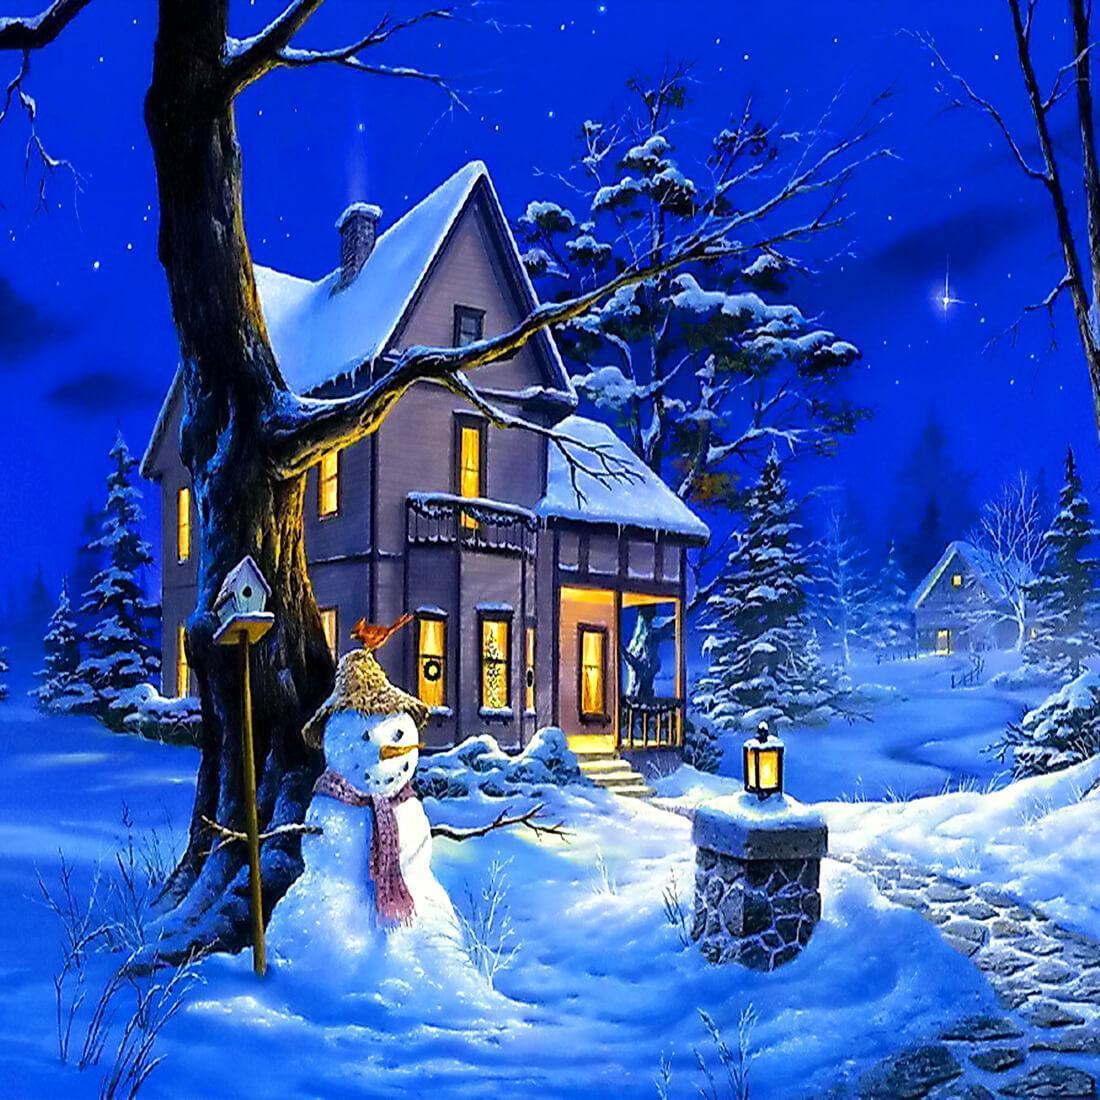 Sfondi Natalizi Animati.Notte Di Natale Sfondi Animati For Android Apk Download